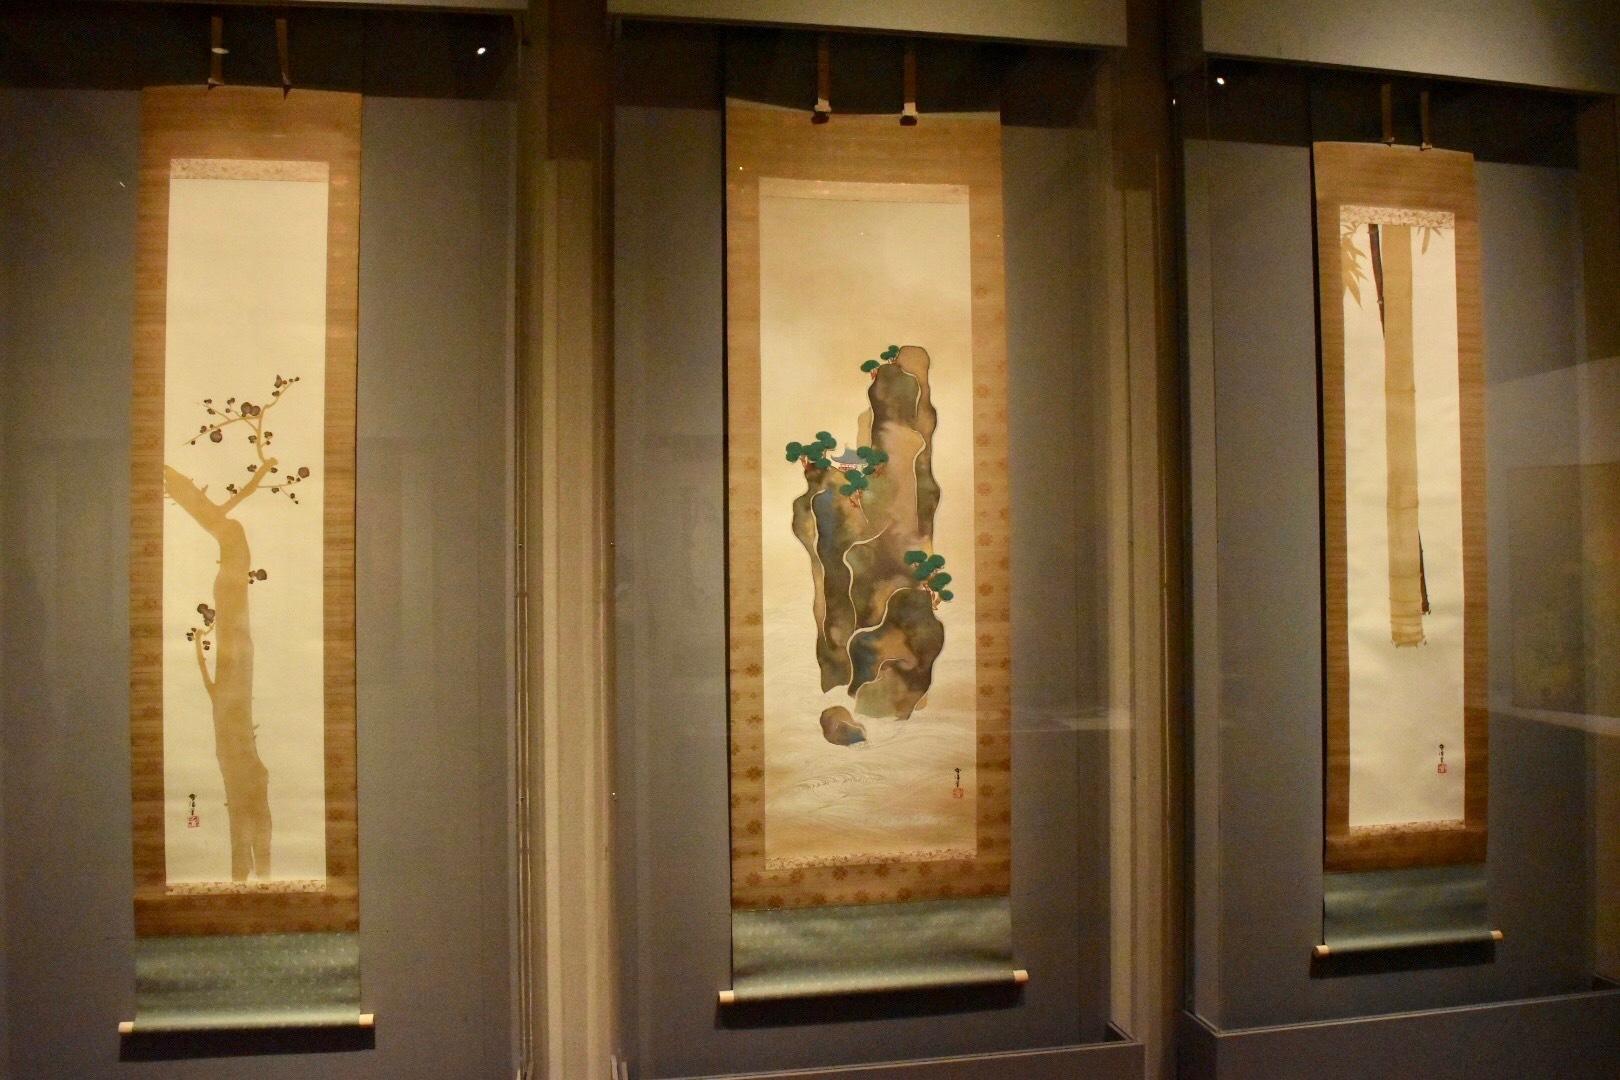 神坂雪佳 《蓬莱山・竹梅図》 20世紀(大正-昭和時代)